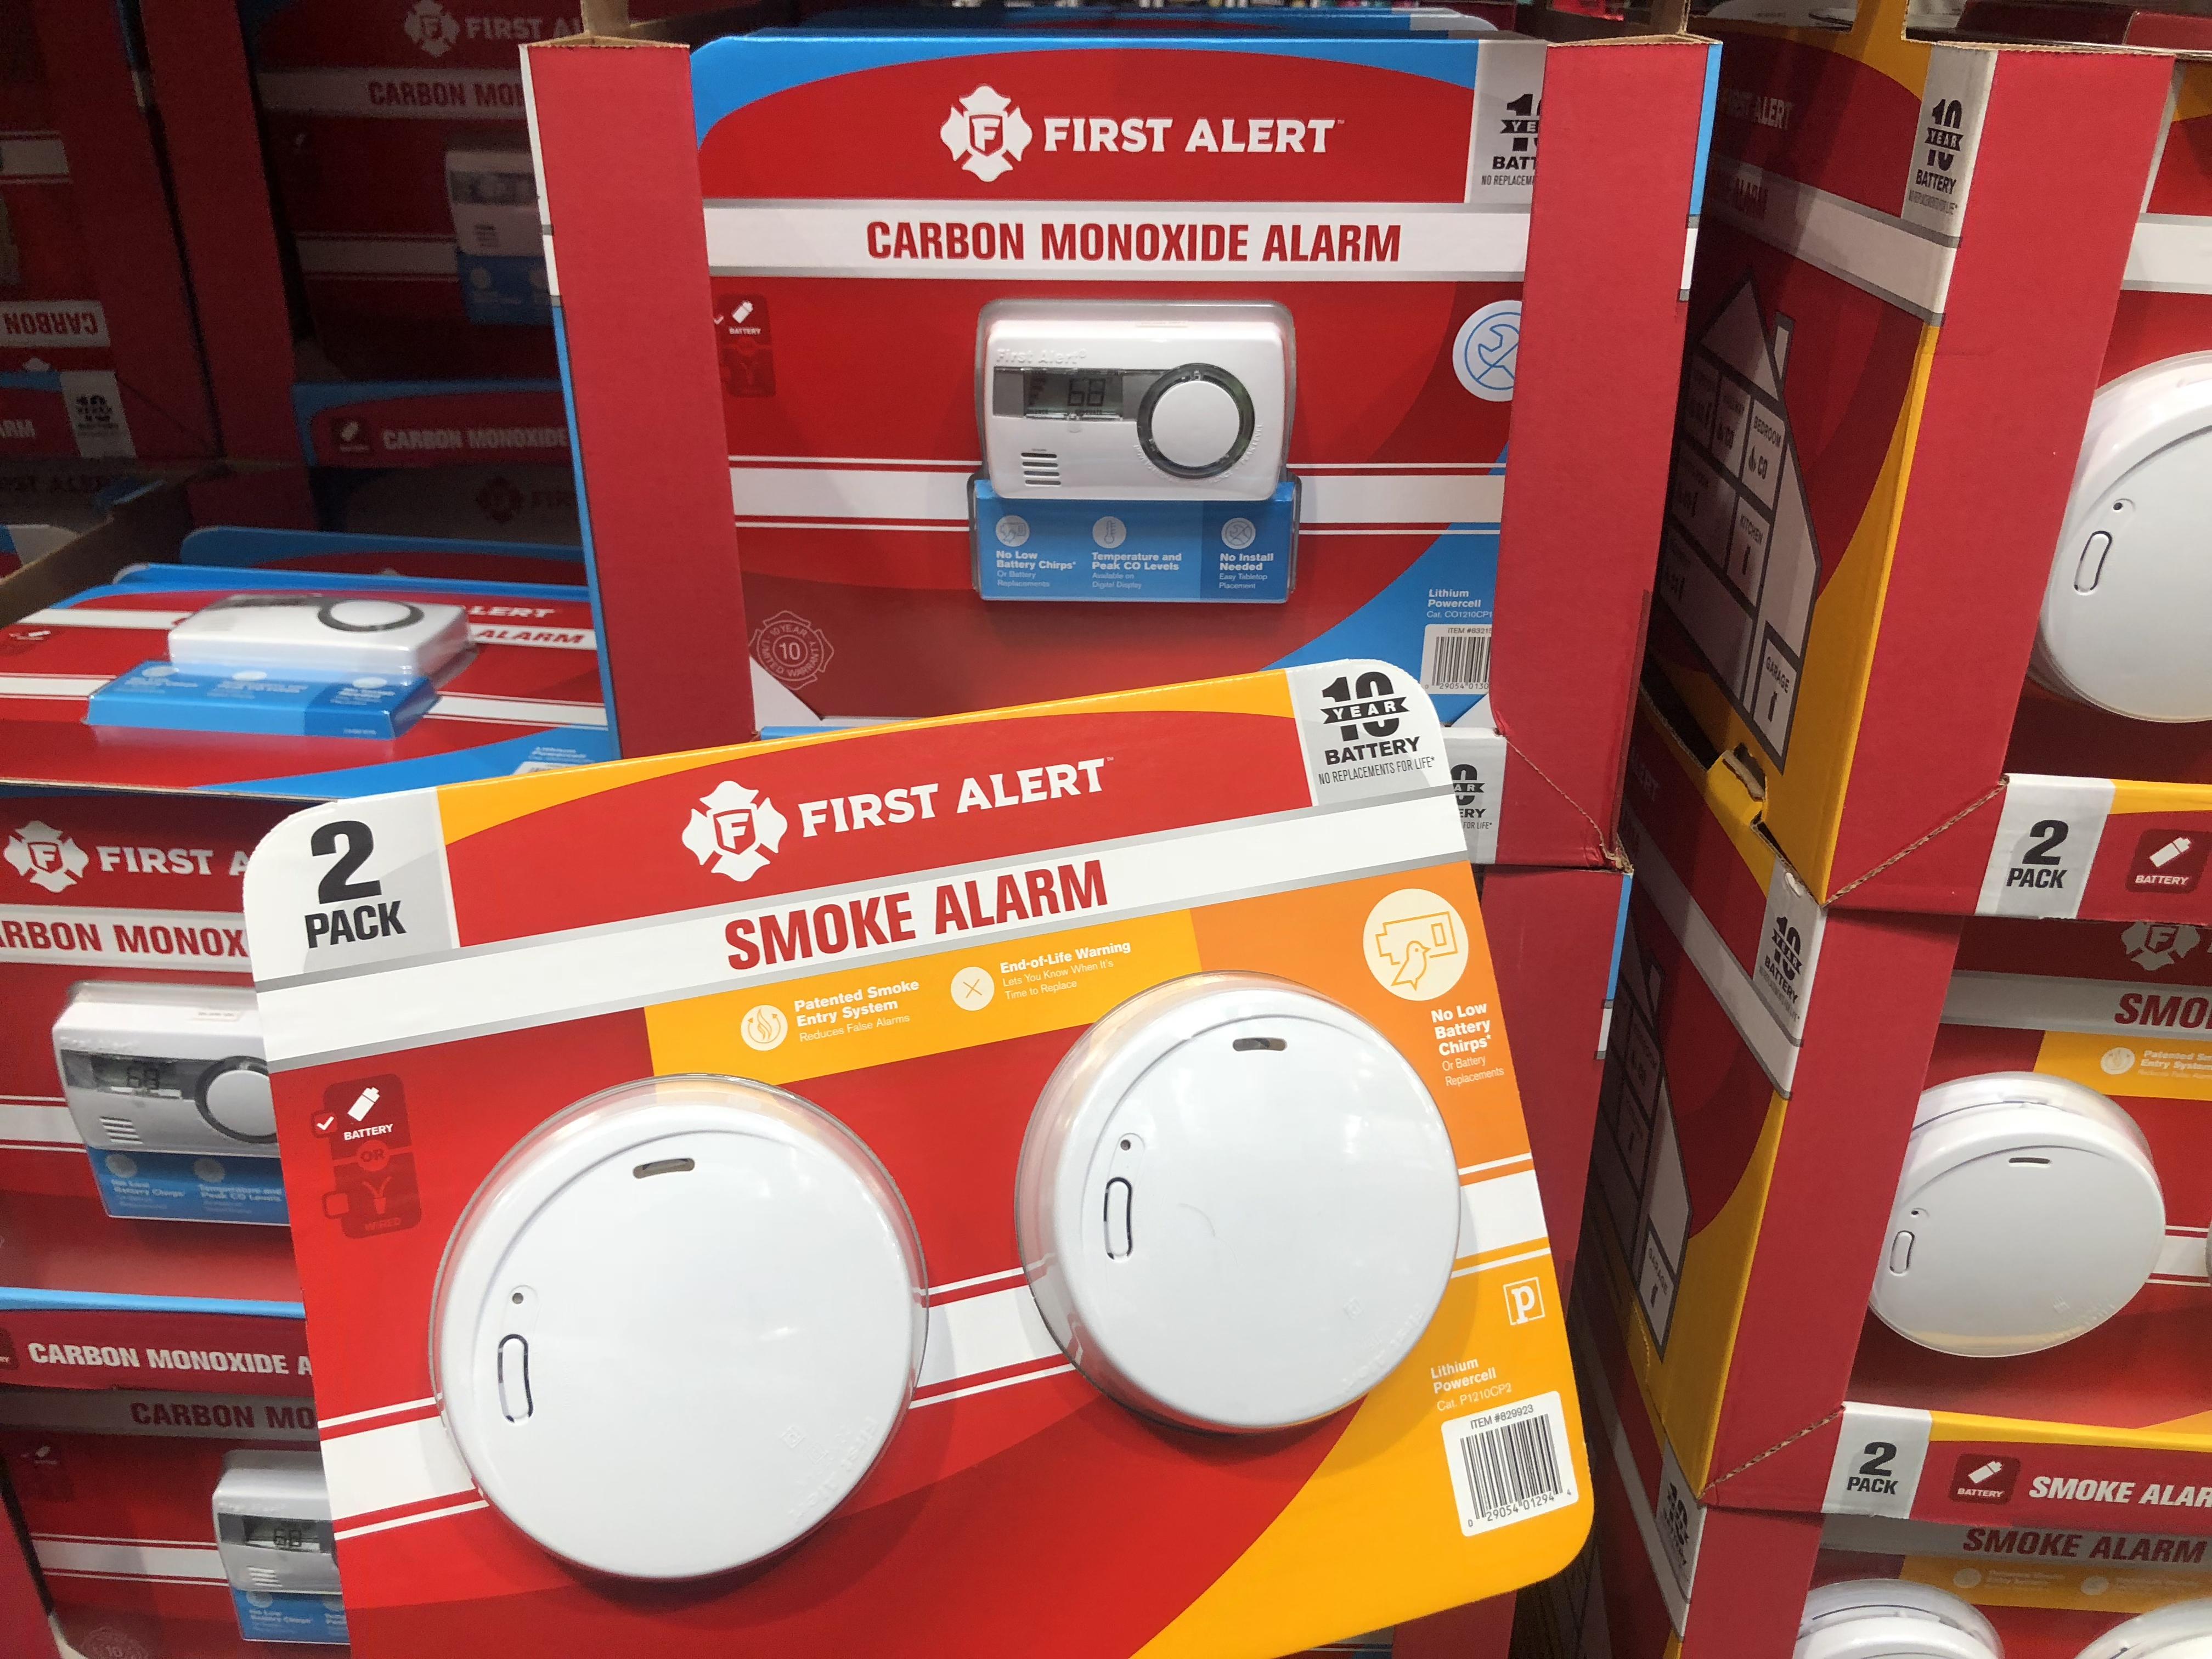 Costco deals October 2018 – First Alert at Costco